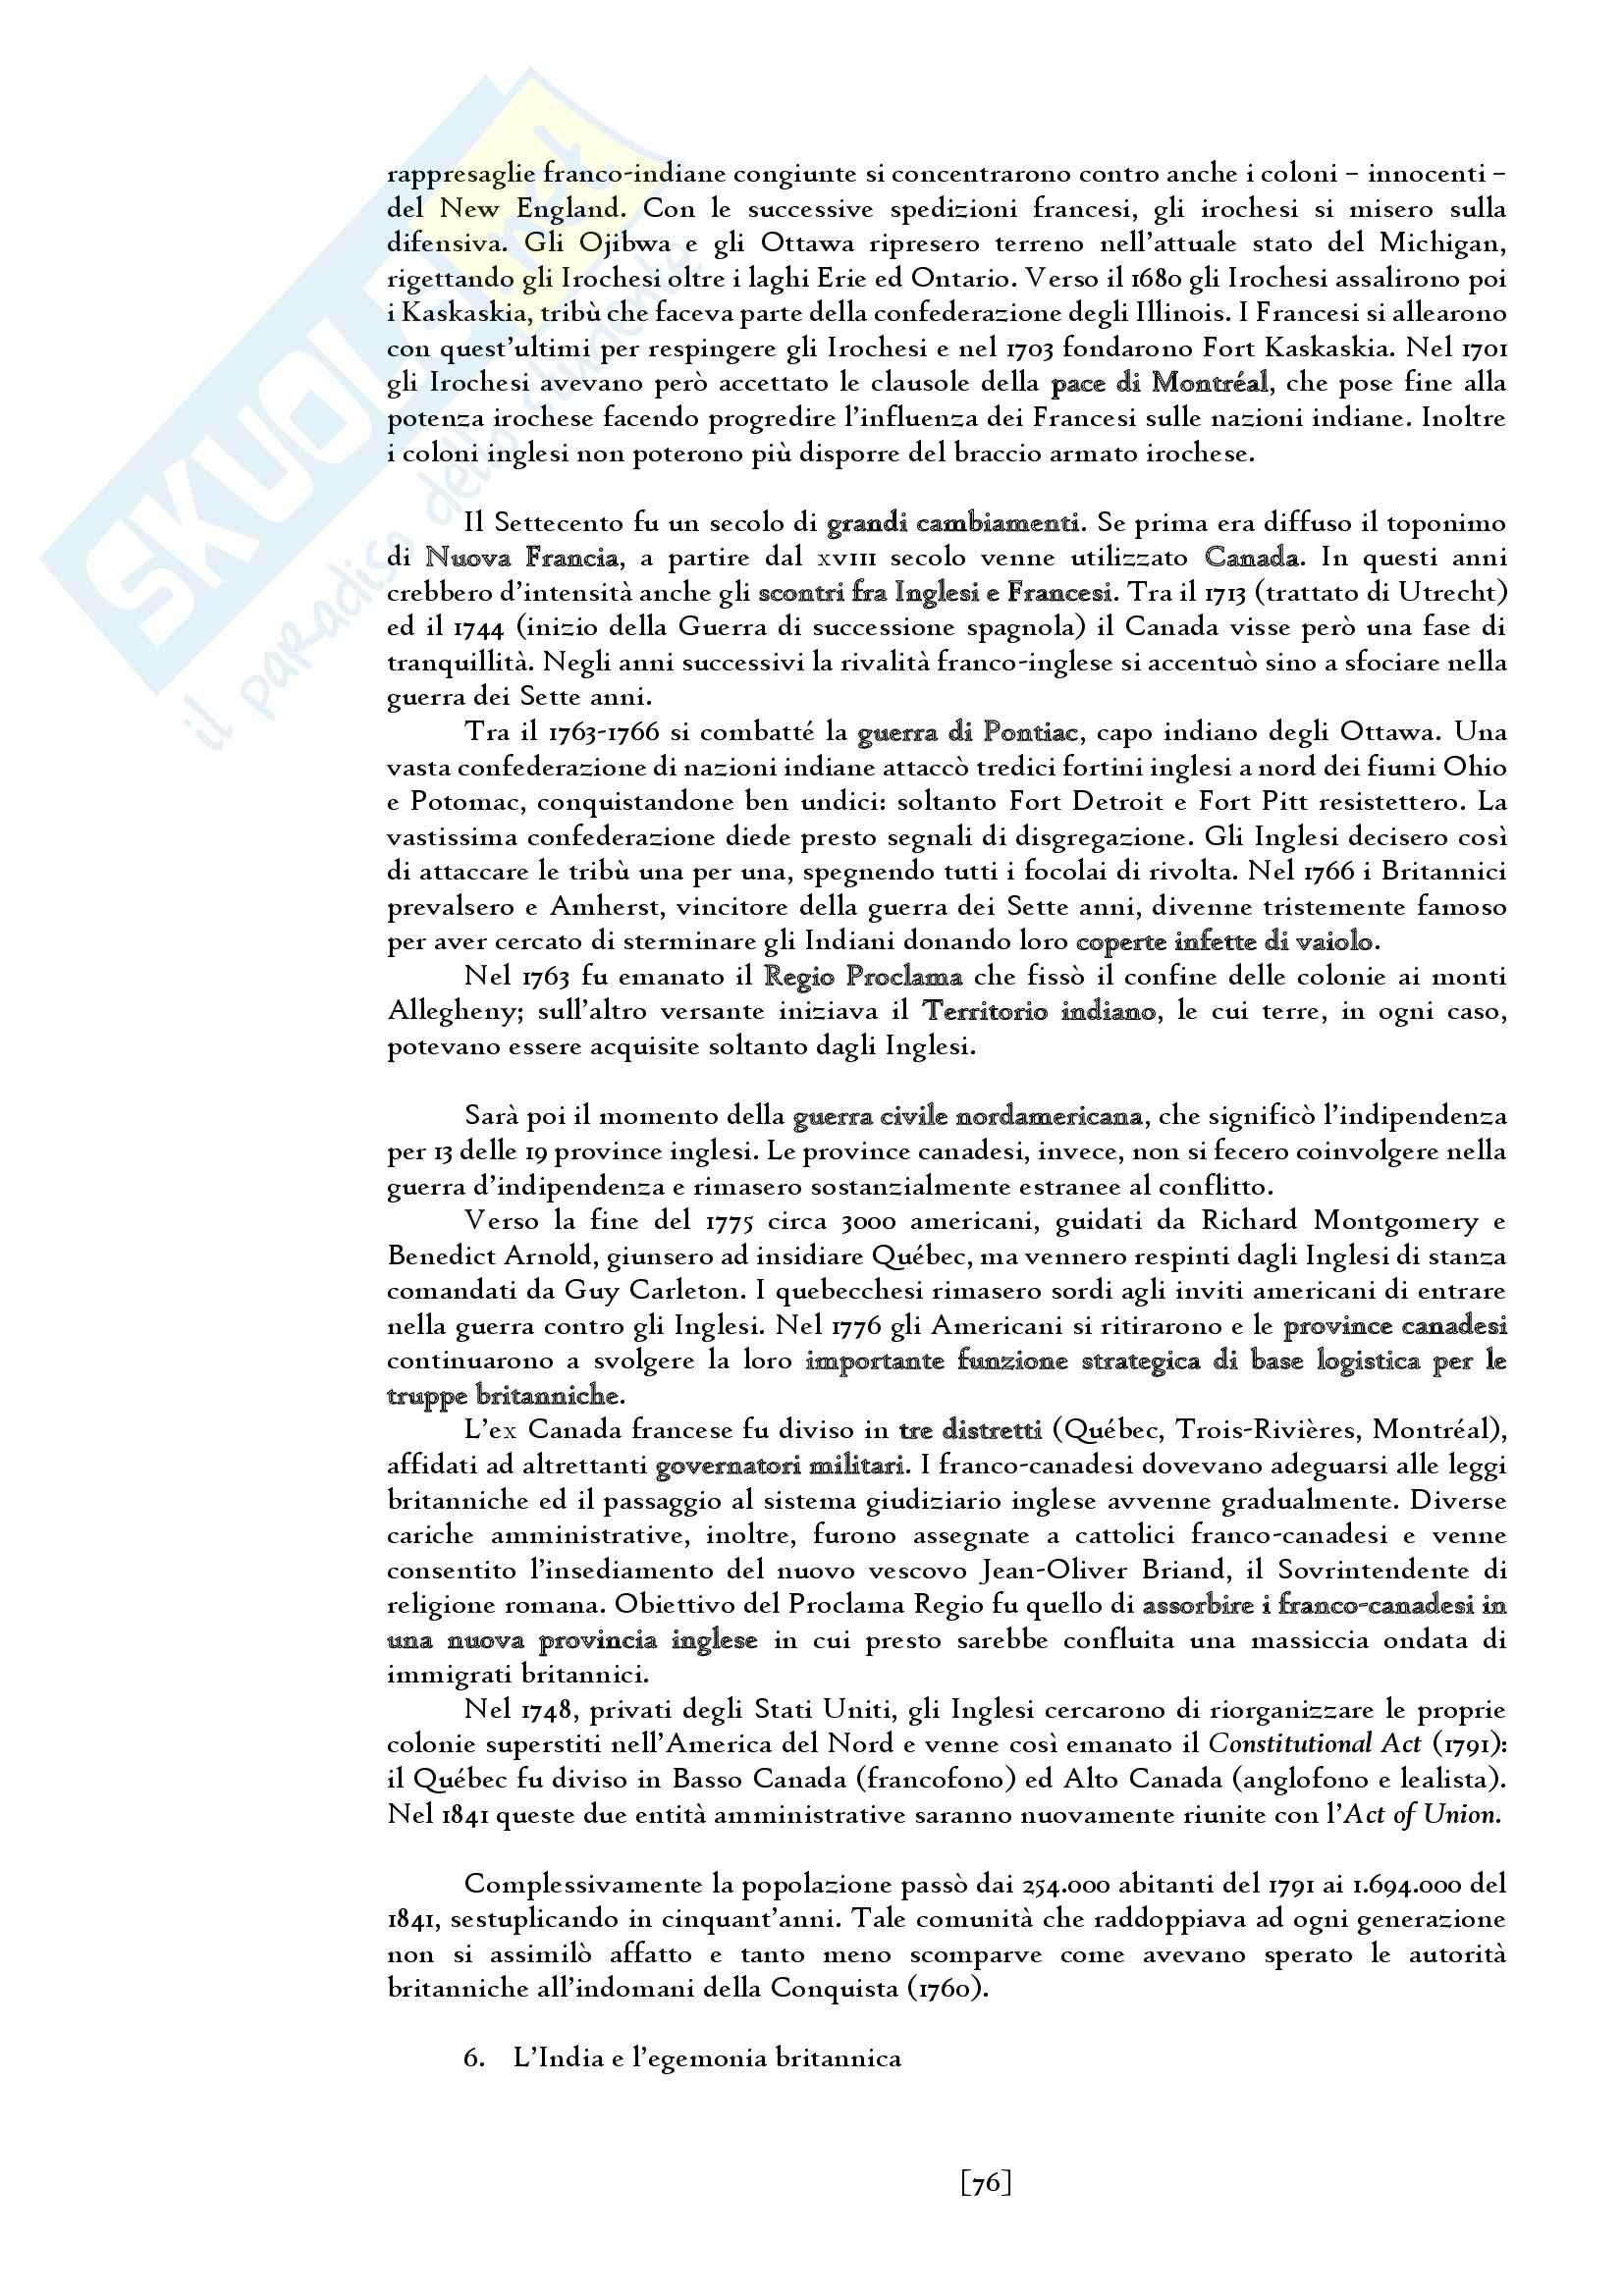 Riassunto esame del Manuale di storia moderna. L' età moderna (1660-1815) di Ricuperati, Ieva, prof. Carpanetto Pag. 76